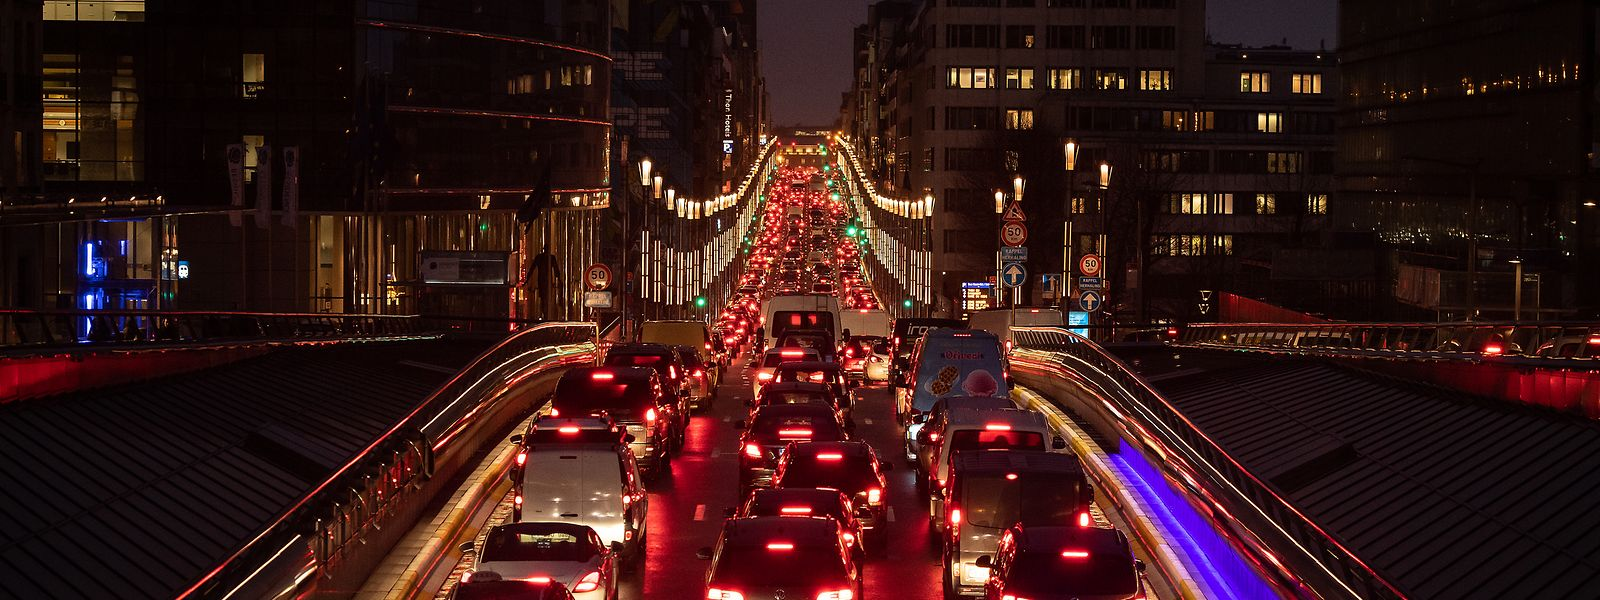 Bruxelles, en termes de circulation, est trop souvent synonyme d'embouteillages et pollution.